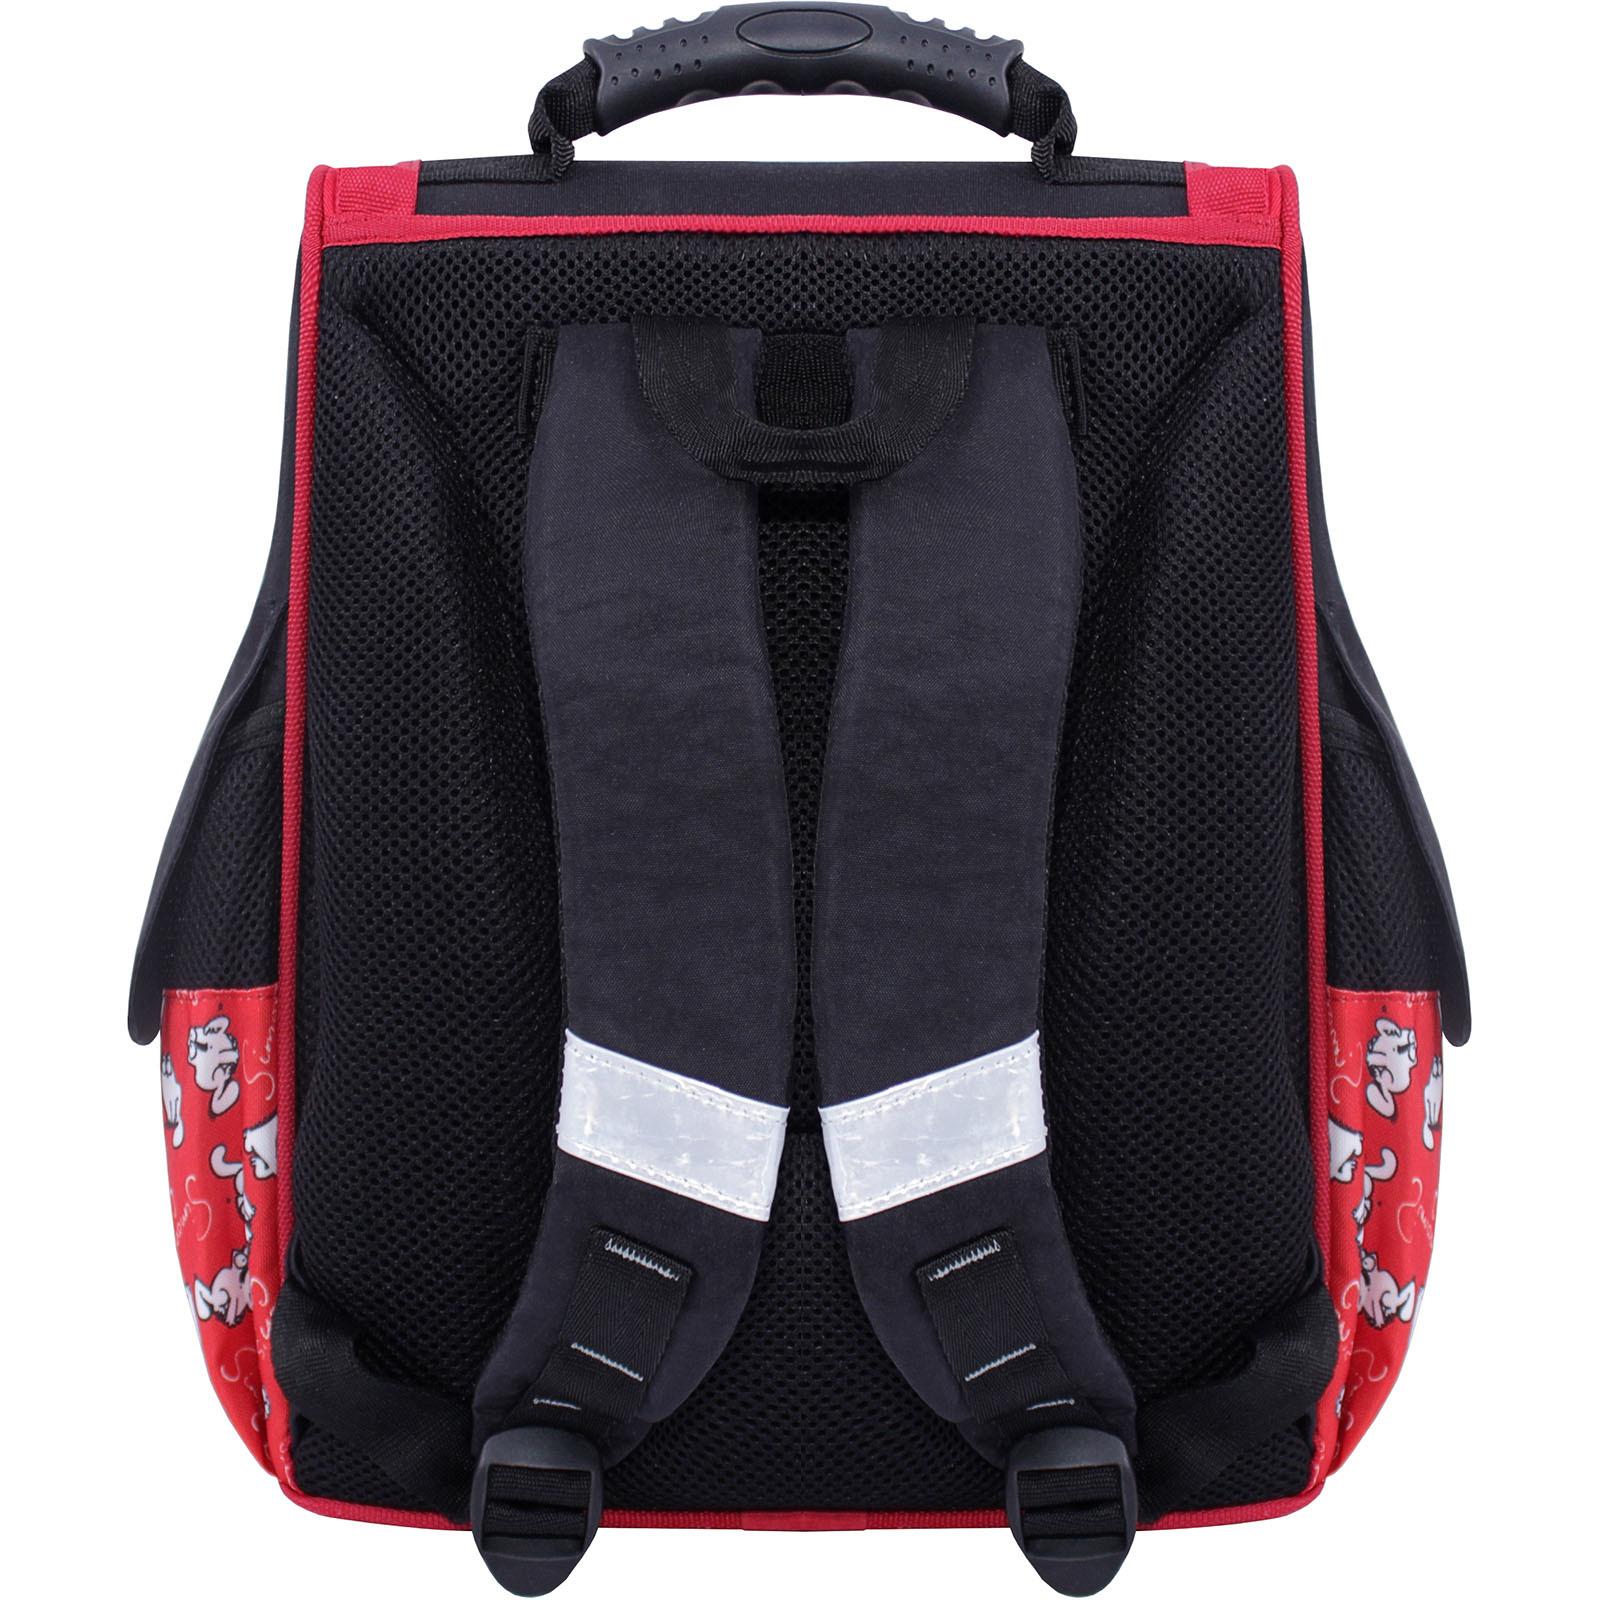 Рюкзак школьный каркасный Bagland Успех 12 л. Черный 372 (00551702) фото 3